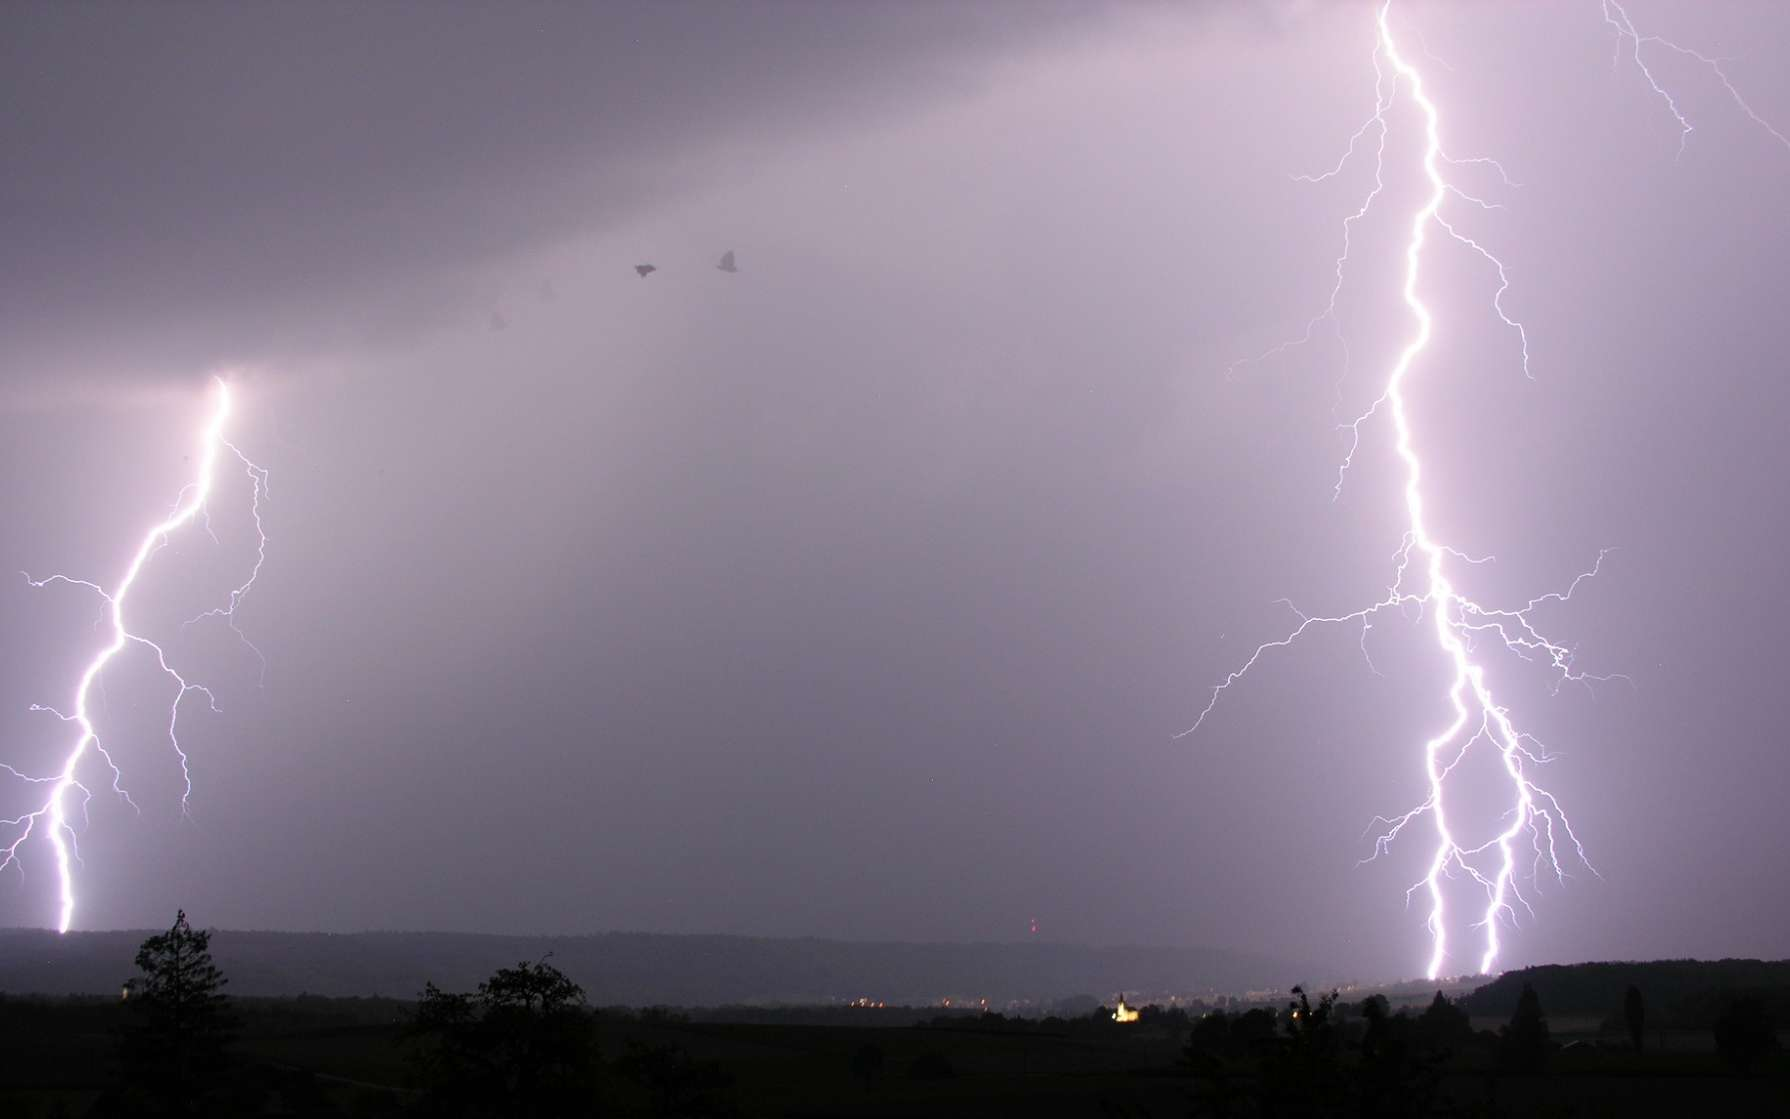 Eclairs durant un orage au dessus de Schaffhausen, Suisse, 2009 ; photo de Hansueli Krapf. © Wikimedia Commons, domaine public.